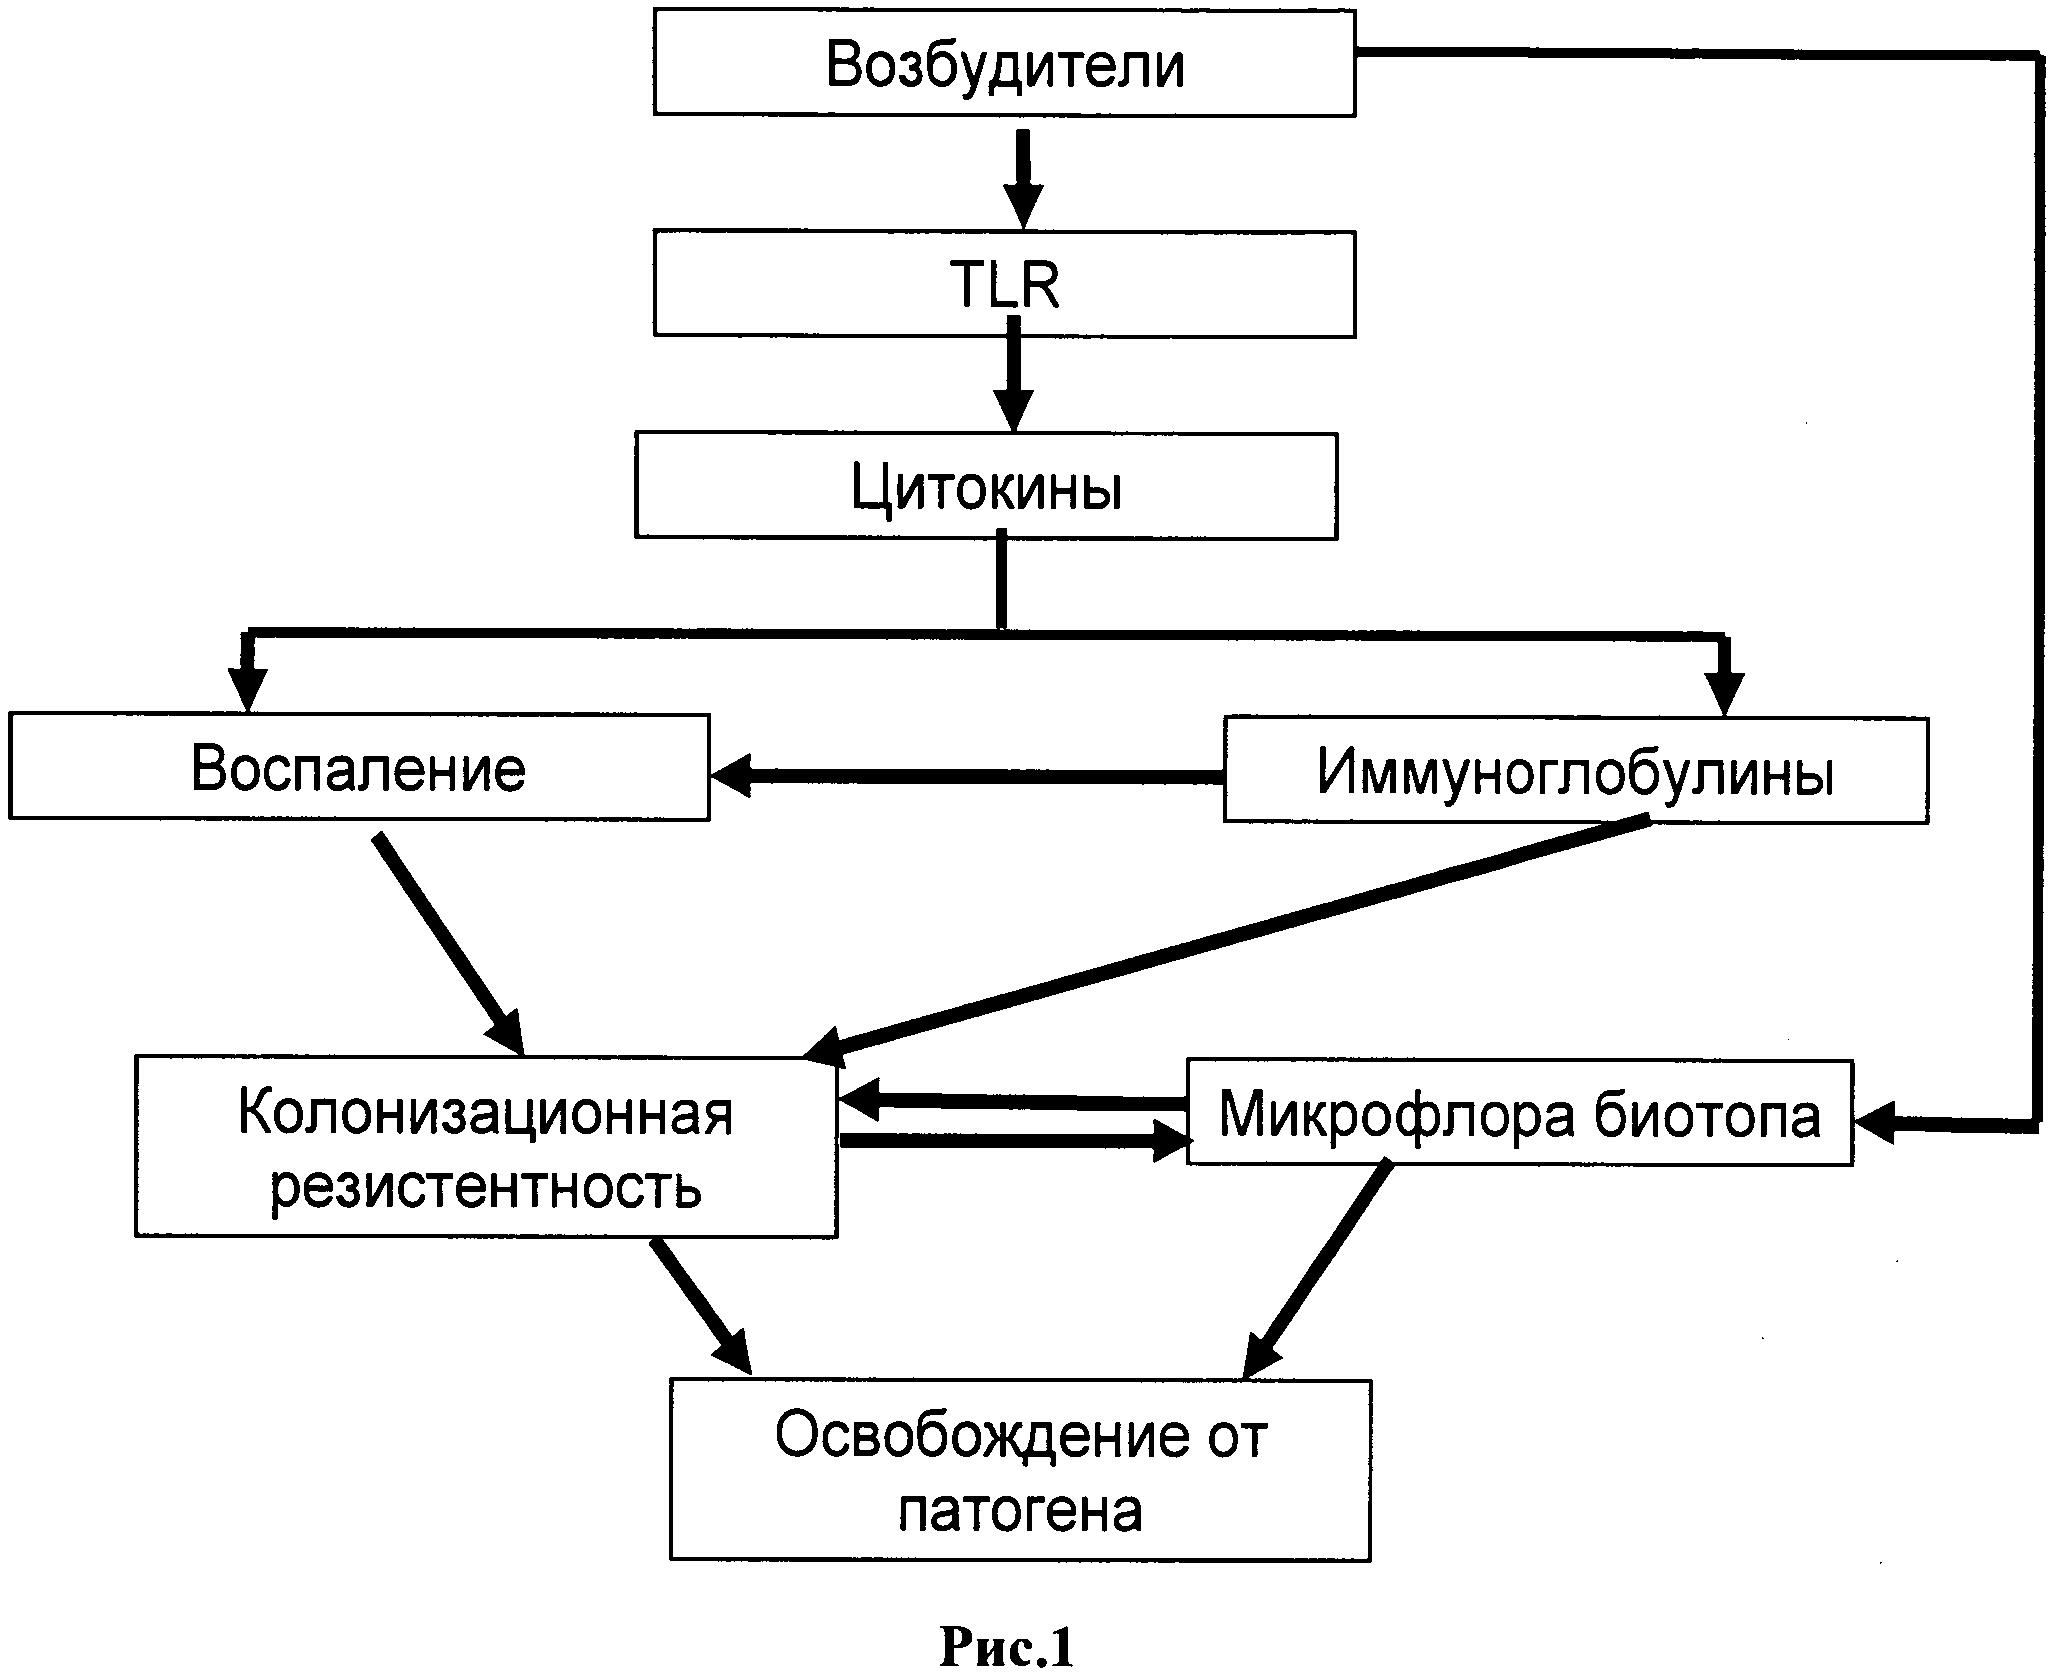 Способ оценки состояния мукозального иммунитета слизистых открытых полостей различной локализации при прогнозировании течения инфекционно-воспалительных процессов и способ коррекции инфекционно-воспалительных процессов